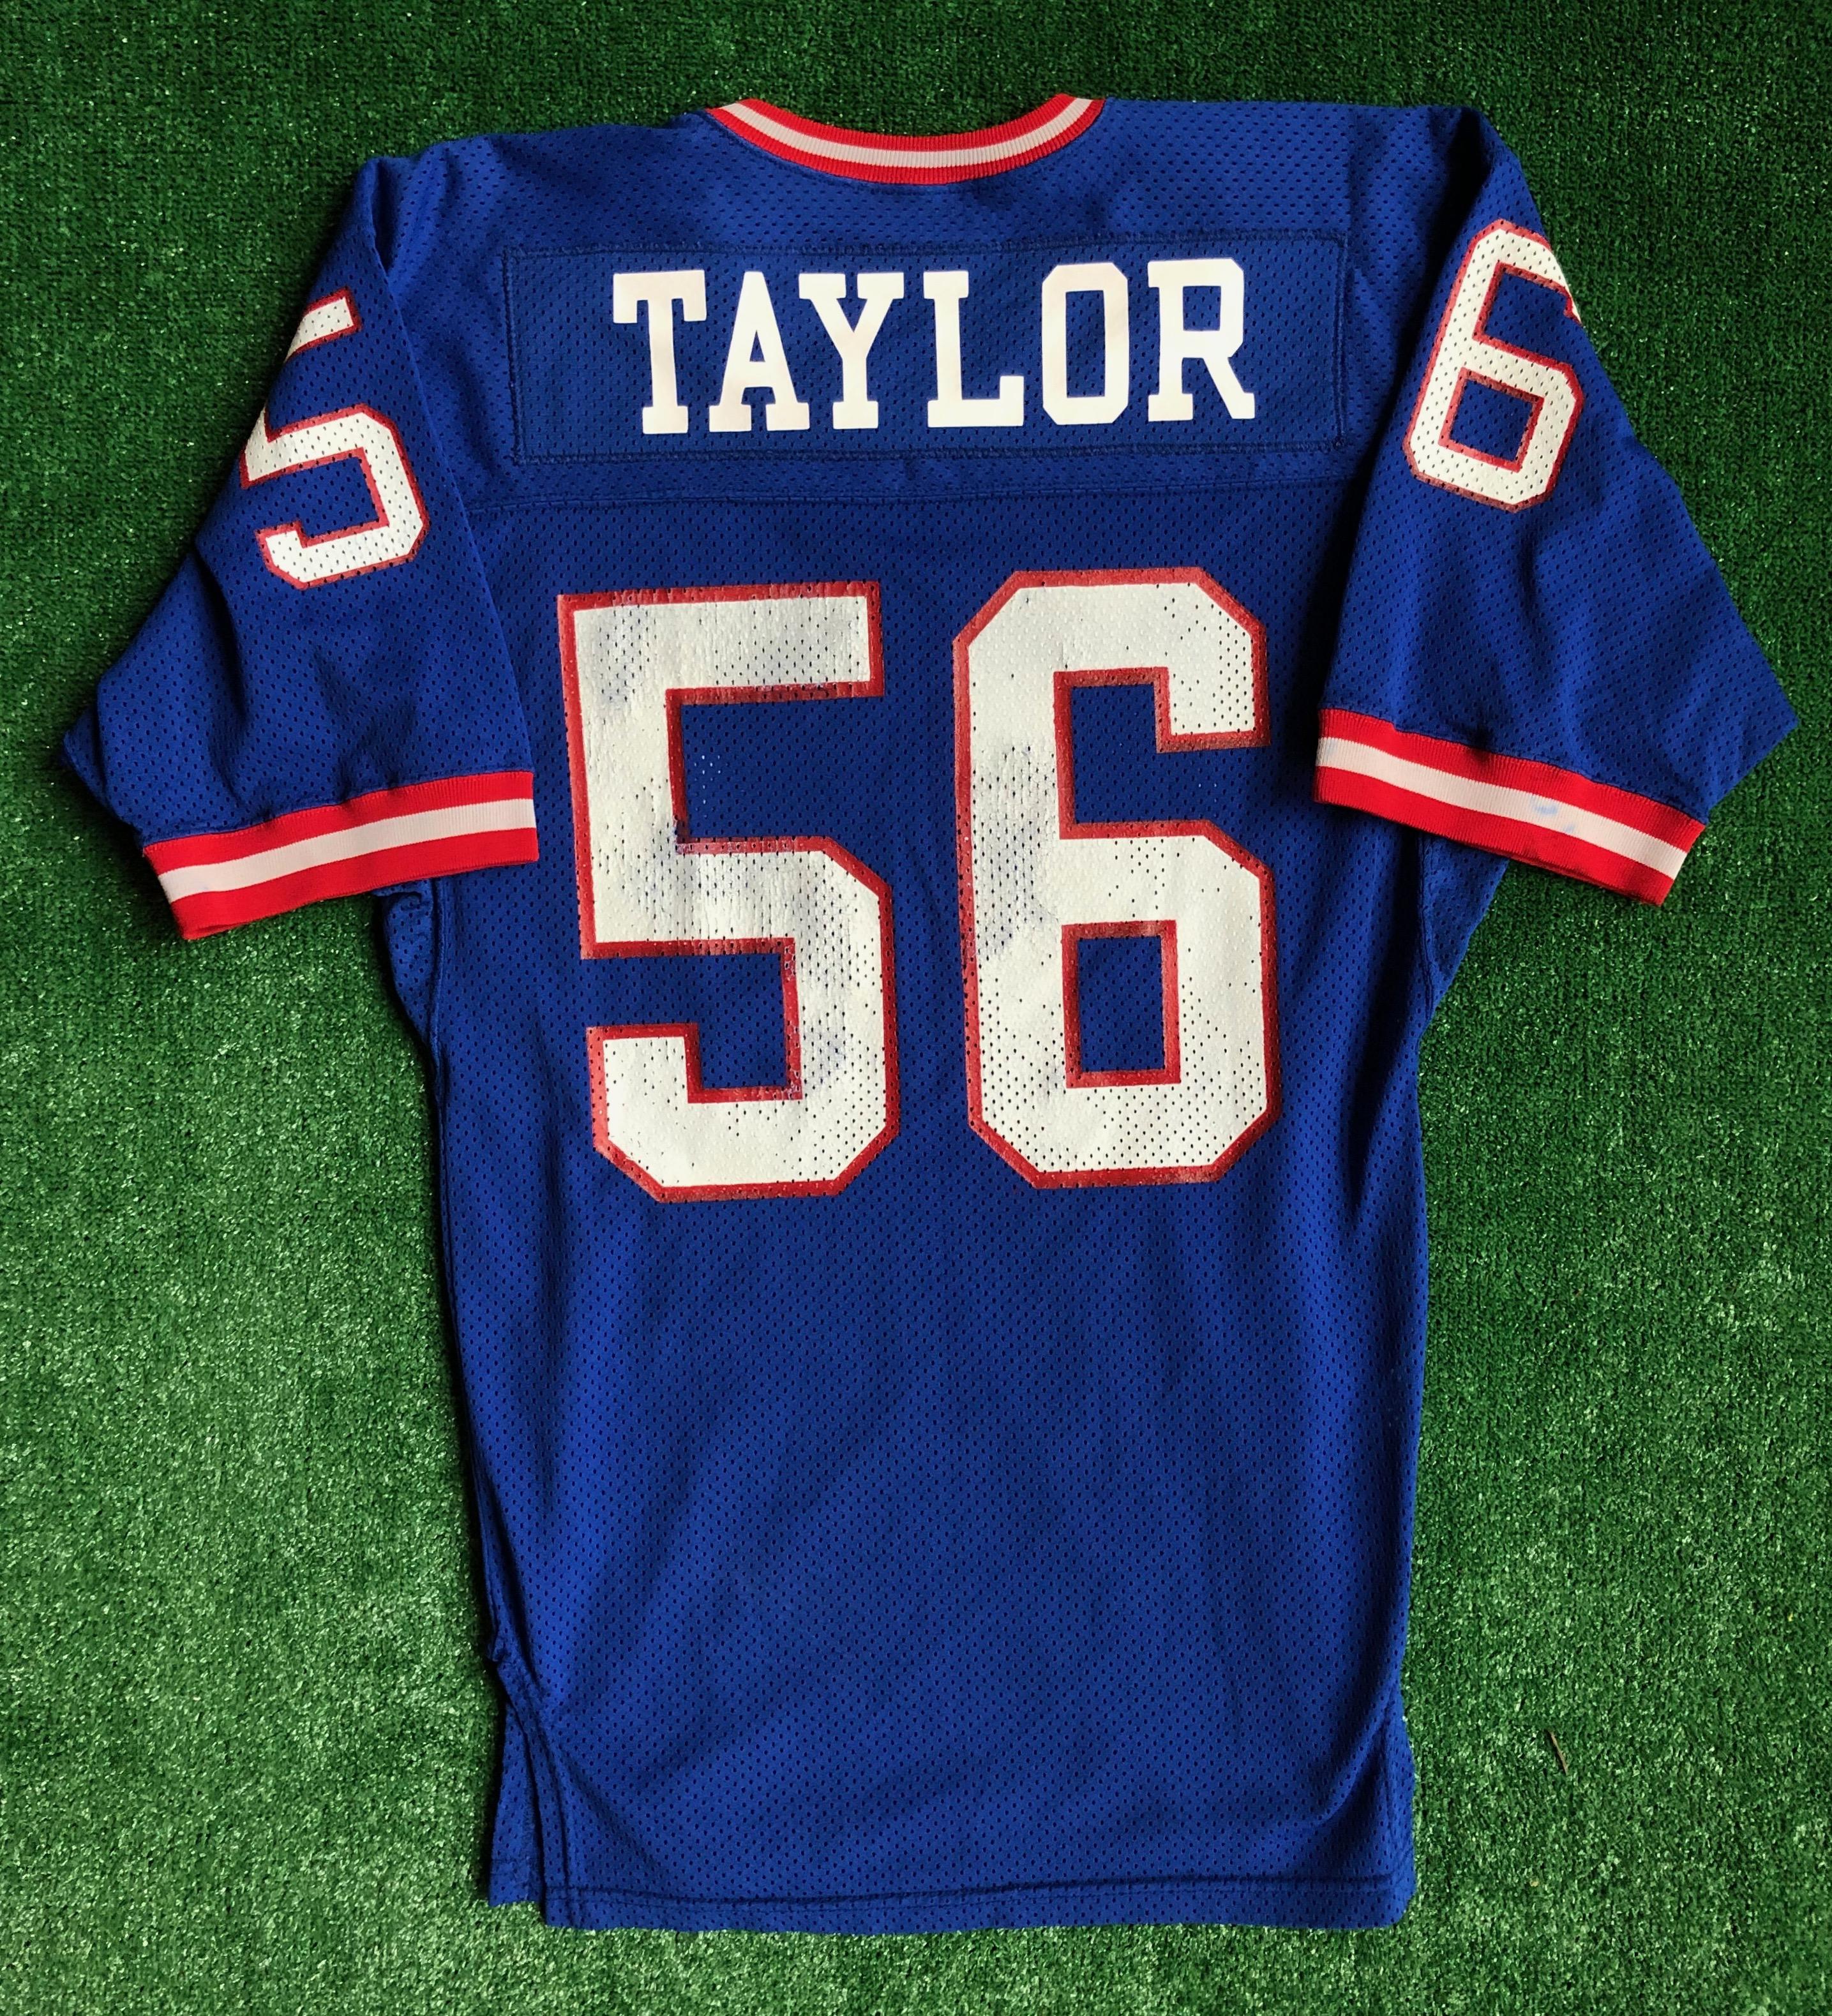 size 44 nfl jersey